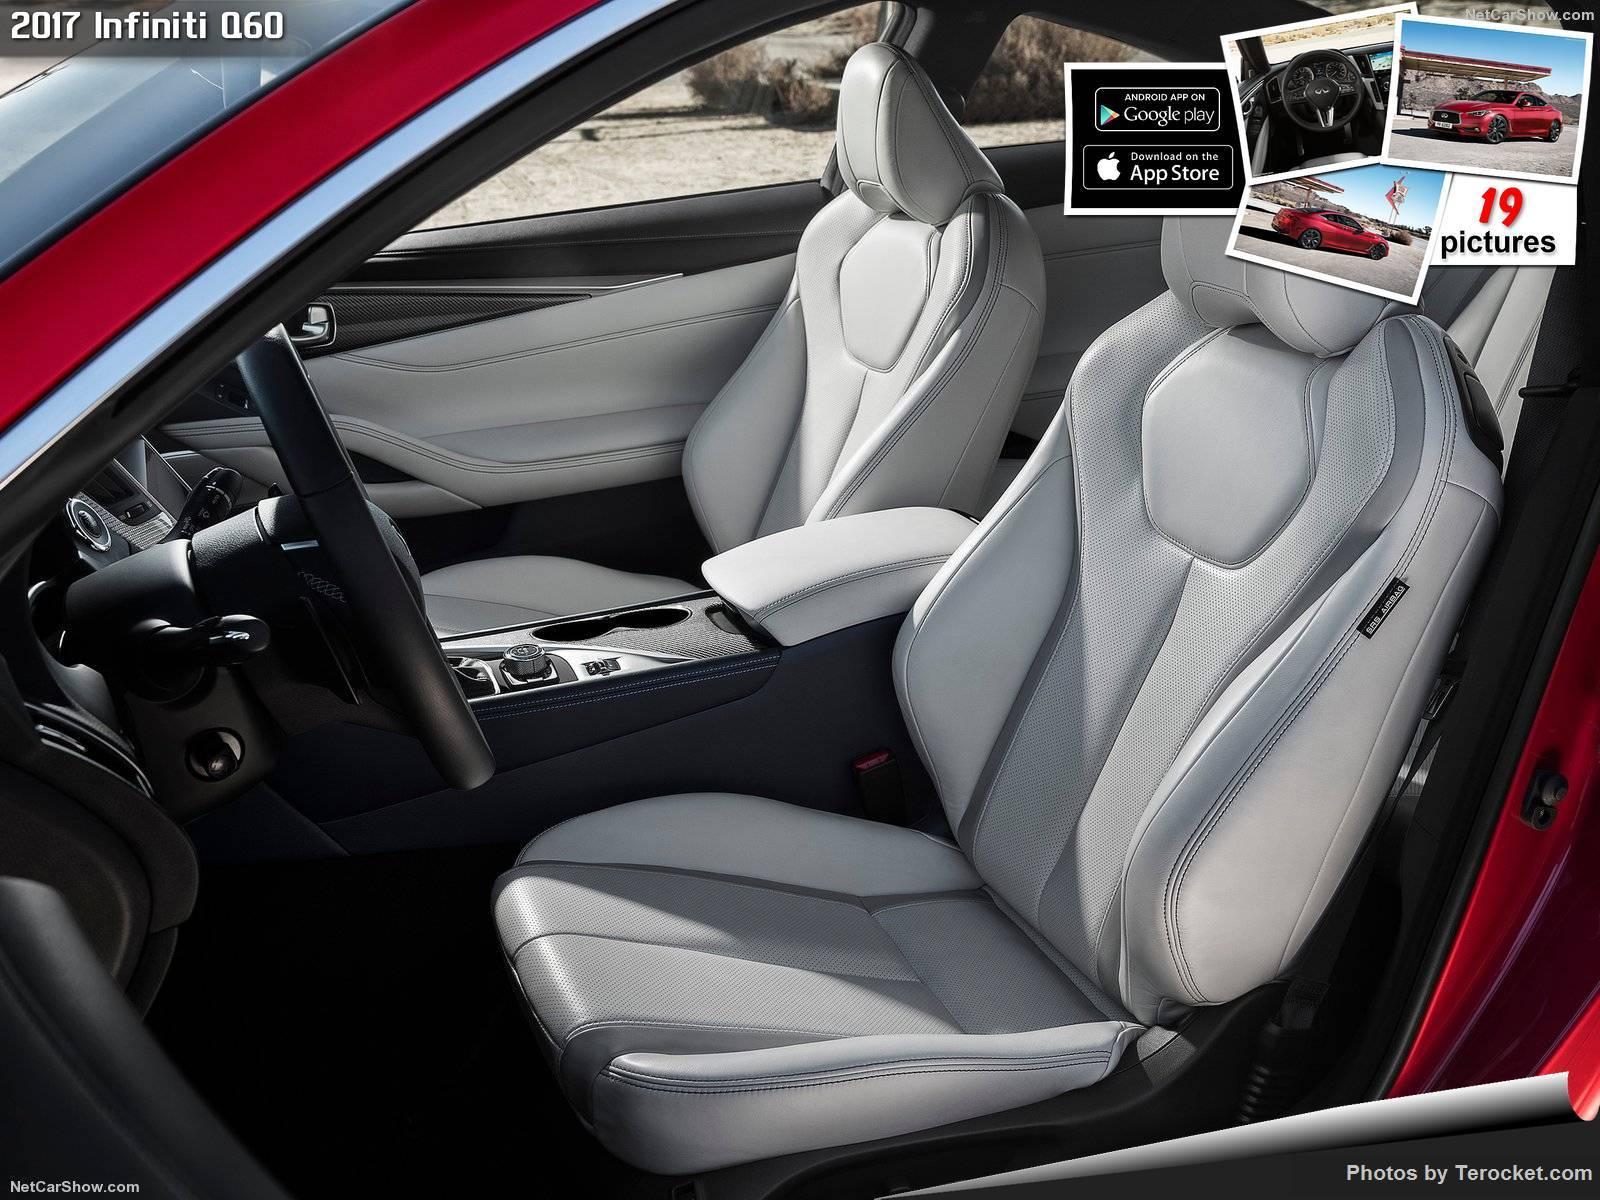 Hình ảnh xe ô tô Infiniti Q60 2017 & nội ngoại thất